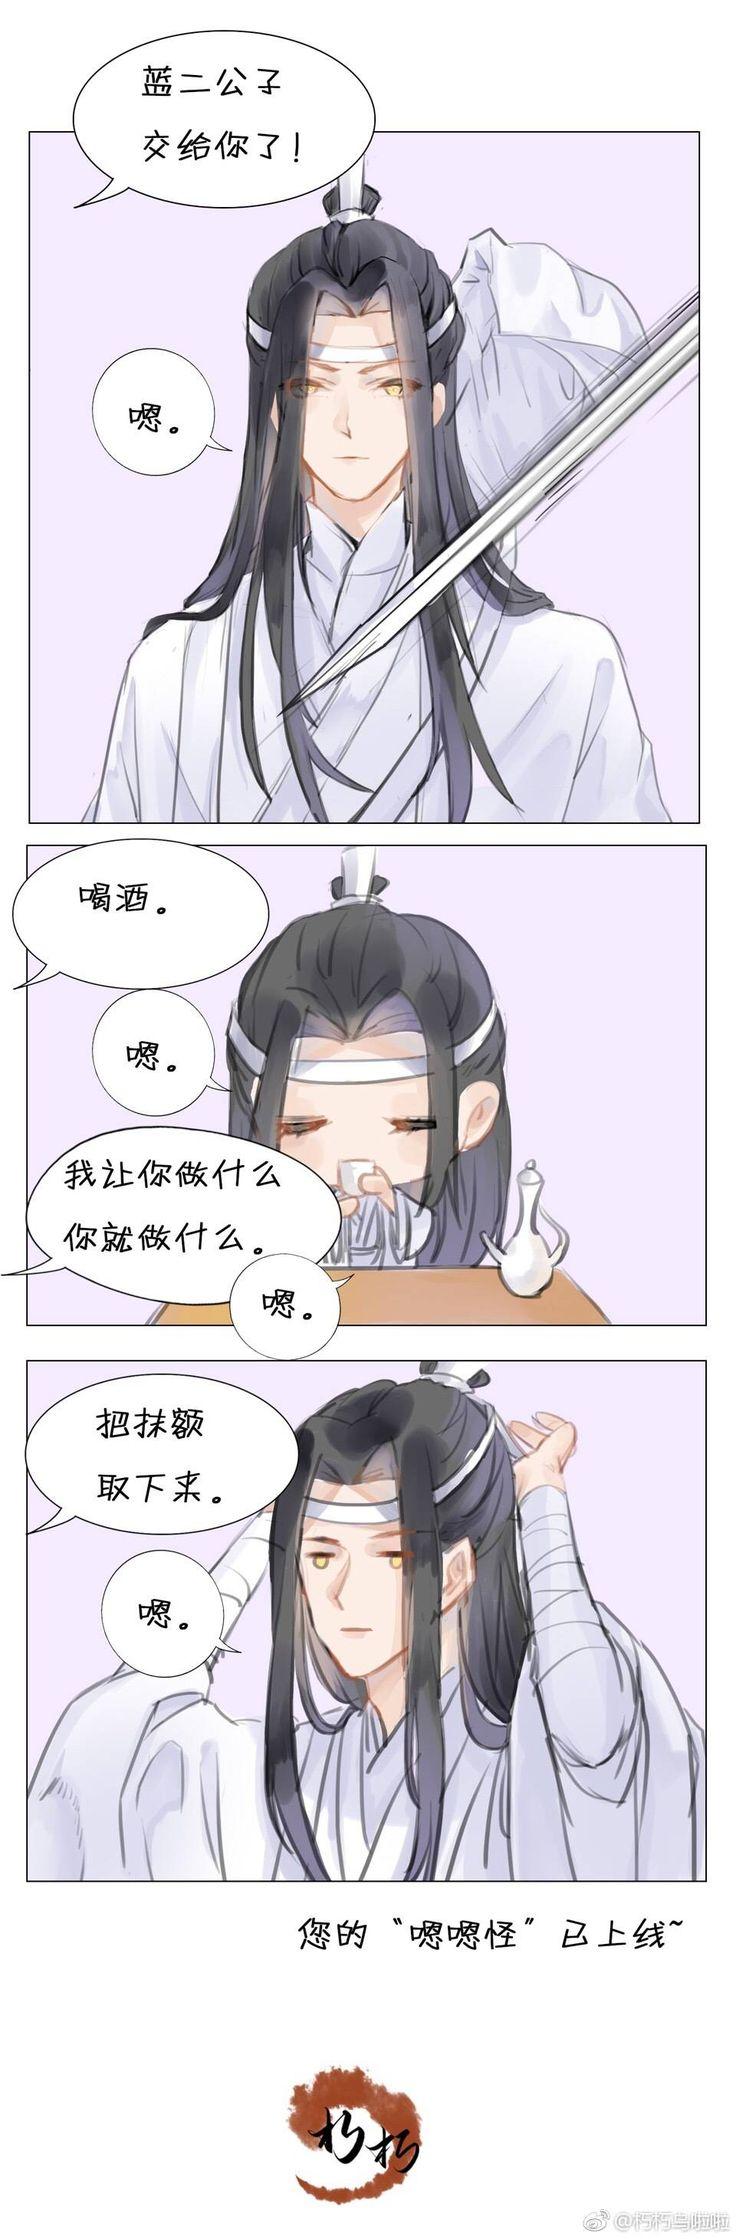 Pin by Virgo ʕ•ﻌ•ʔ on 魔道祖师(*´∇`*) The grandmaster, Anime